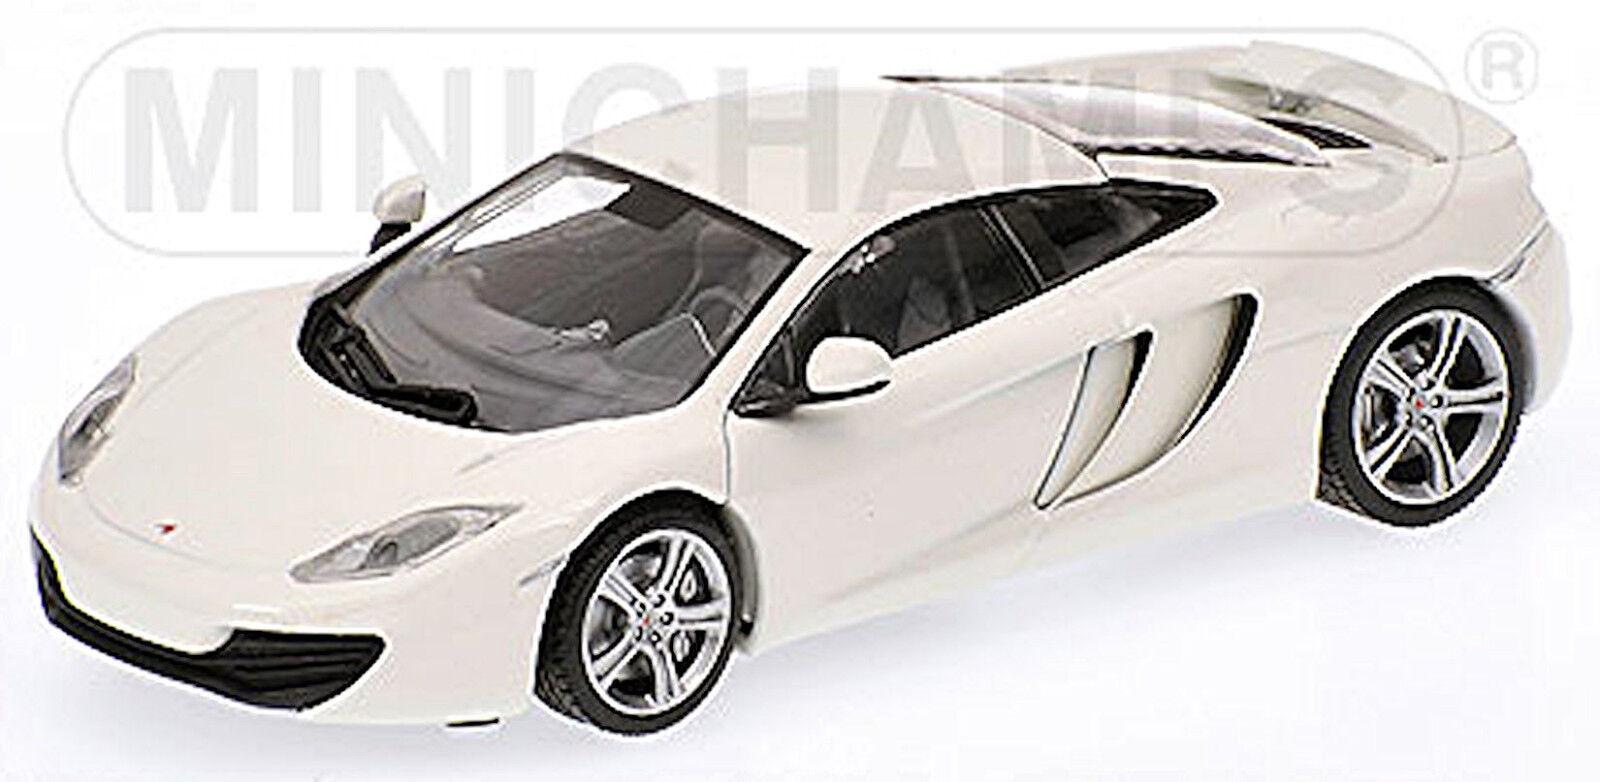 McLaren mp4-12c Coupe 2011 Pearl blanc Blanc lim.ed.1, 296 PC. 1 43 Minichamps